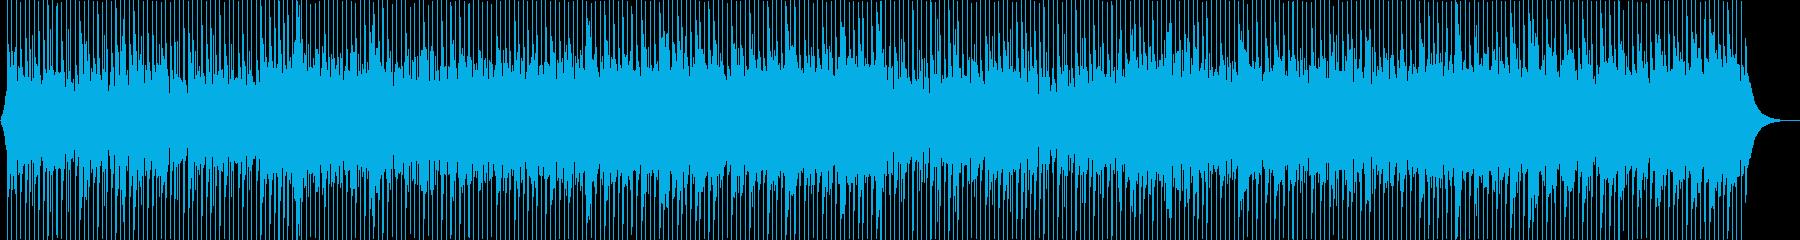 爽やかなアコースティックなBGMの再生済みの波形